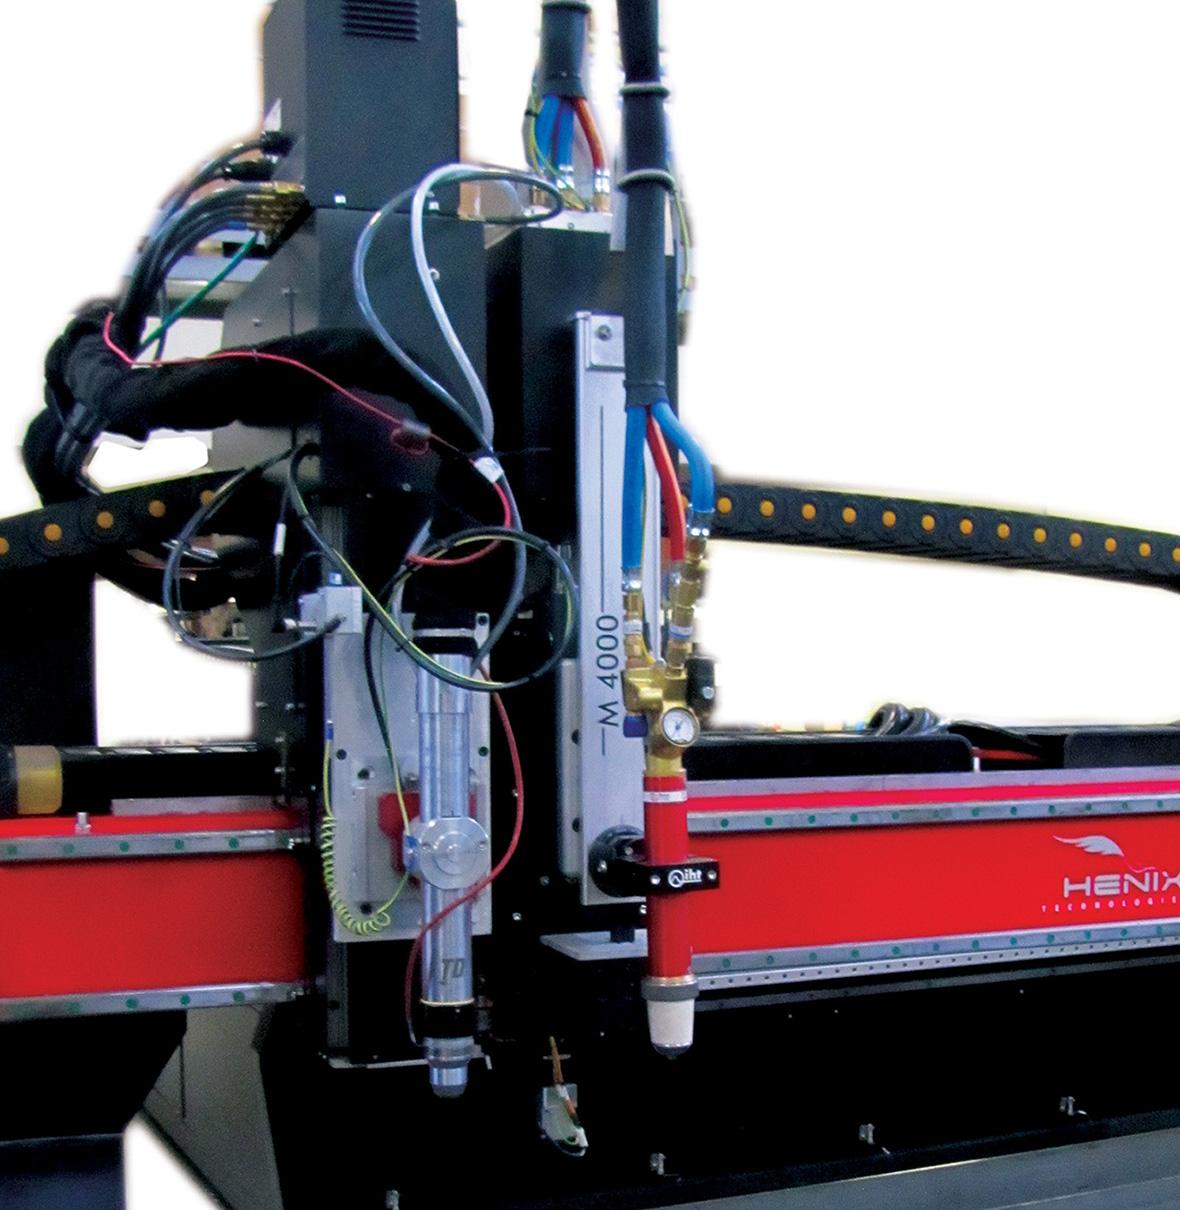 Image detail Oxy détouré 04 - Systèmes d'Oxycoupage